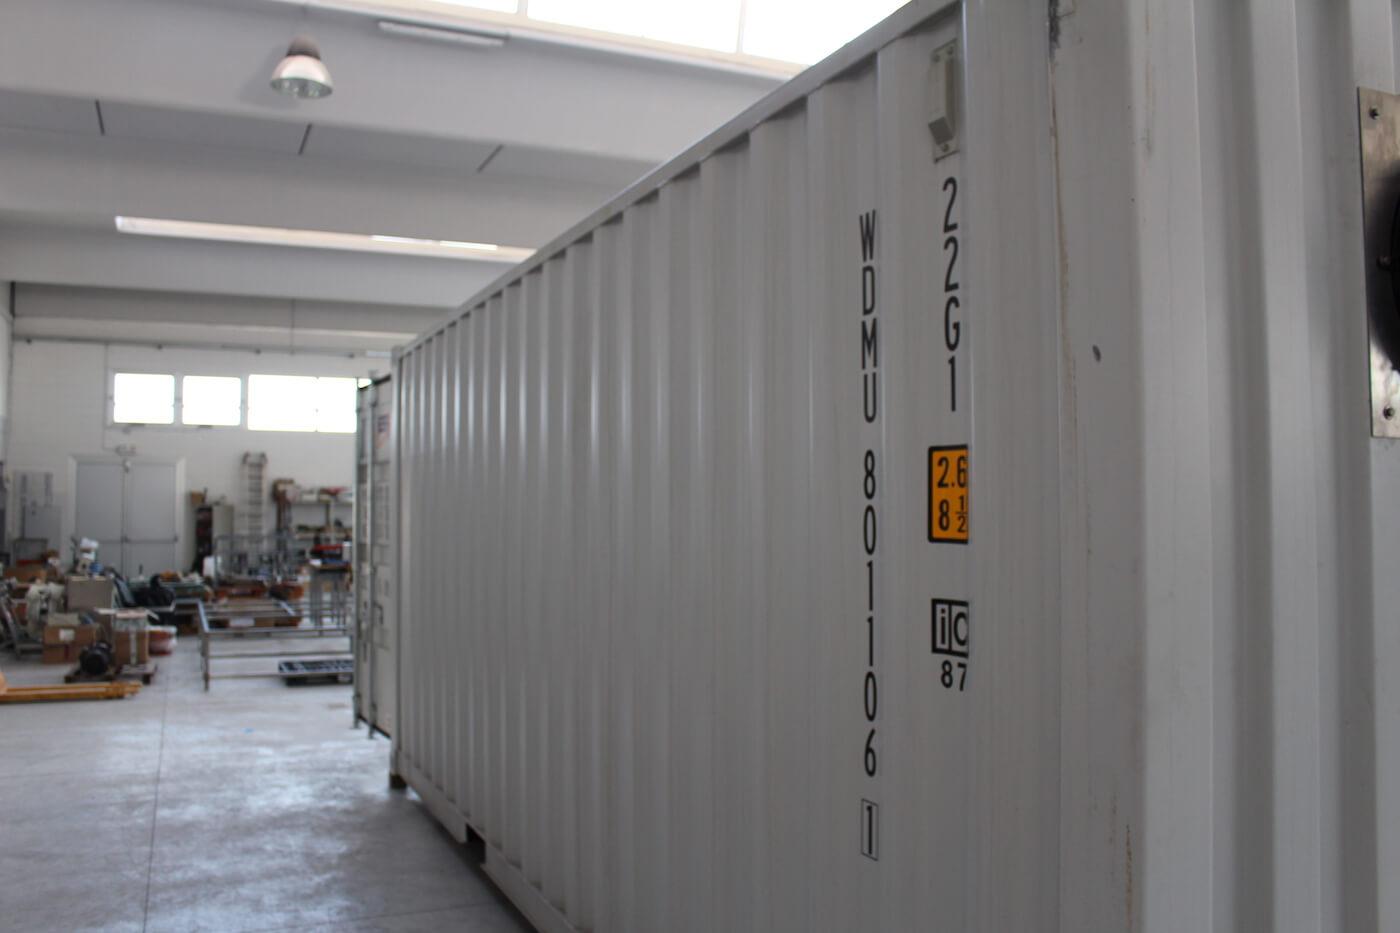 cz trattamento acque - impianti depurazione acqua filtrazione addolcimento osmosi inversa impianti container 14